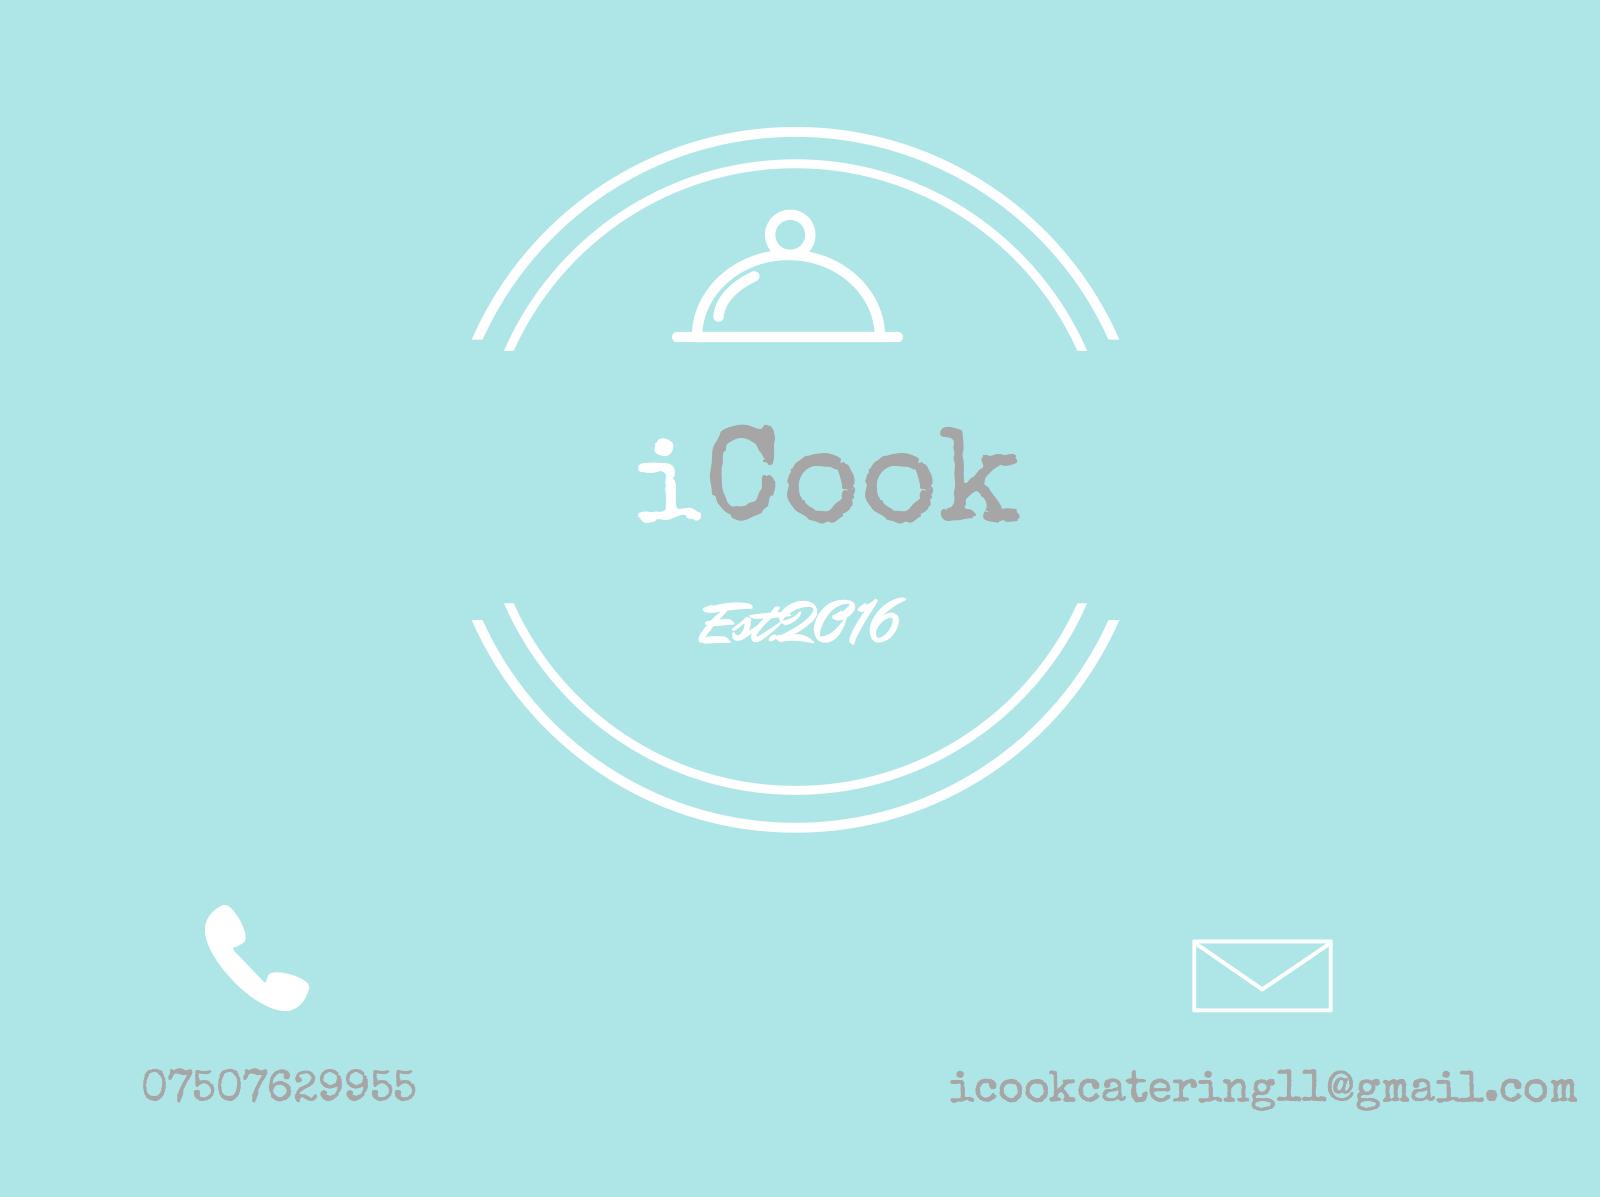 'iCOOK' by Ify Okonji